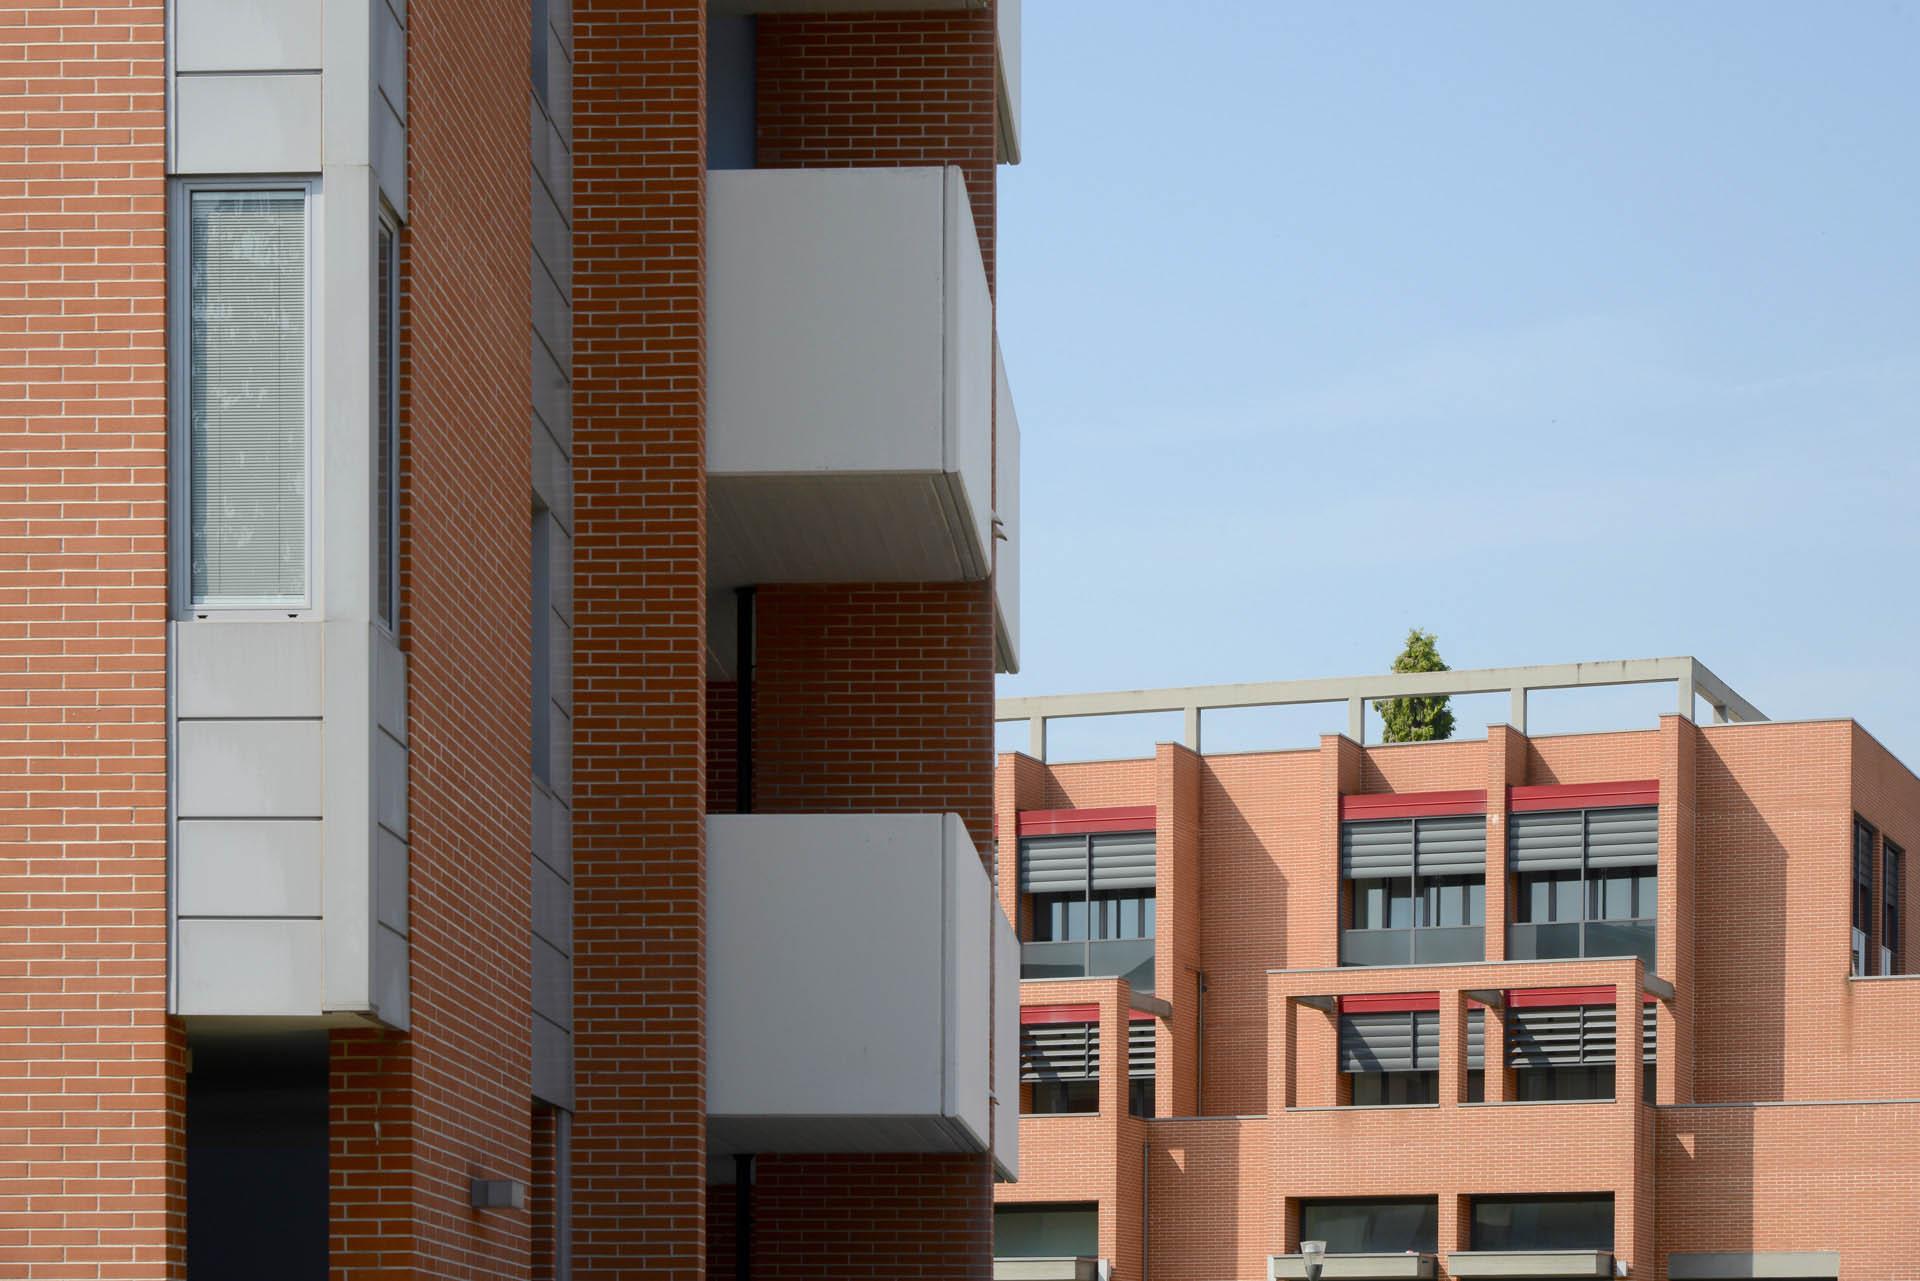 06 Studio Bacchi architetti associati ex cantina sociale img 06